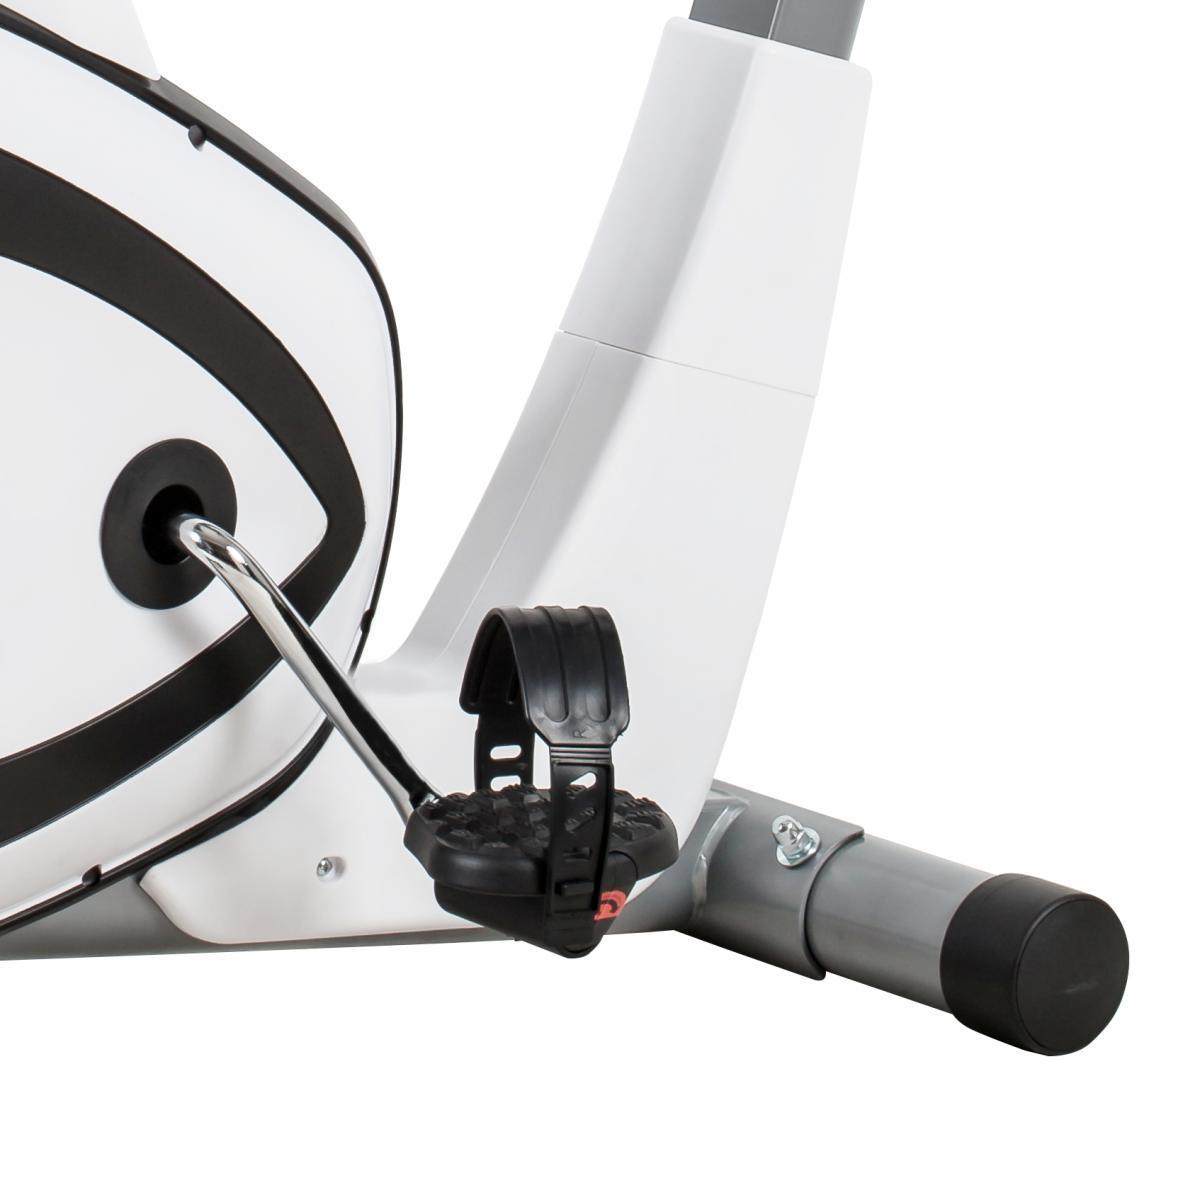 Bild 4 von MOTIVE Fitness by U.N.O. Heimtrainer HT 400 weiß-schwarz inkl. Schutzmatte